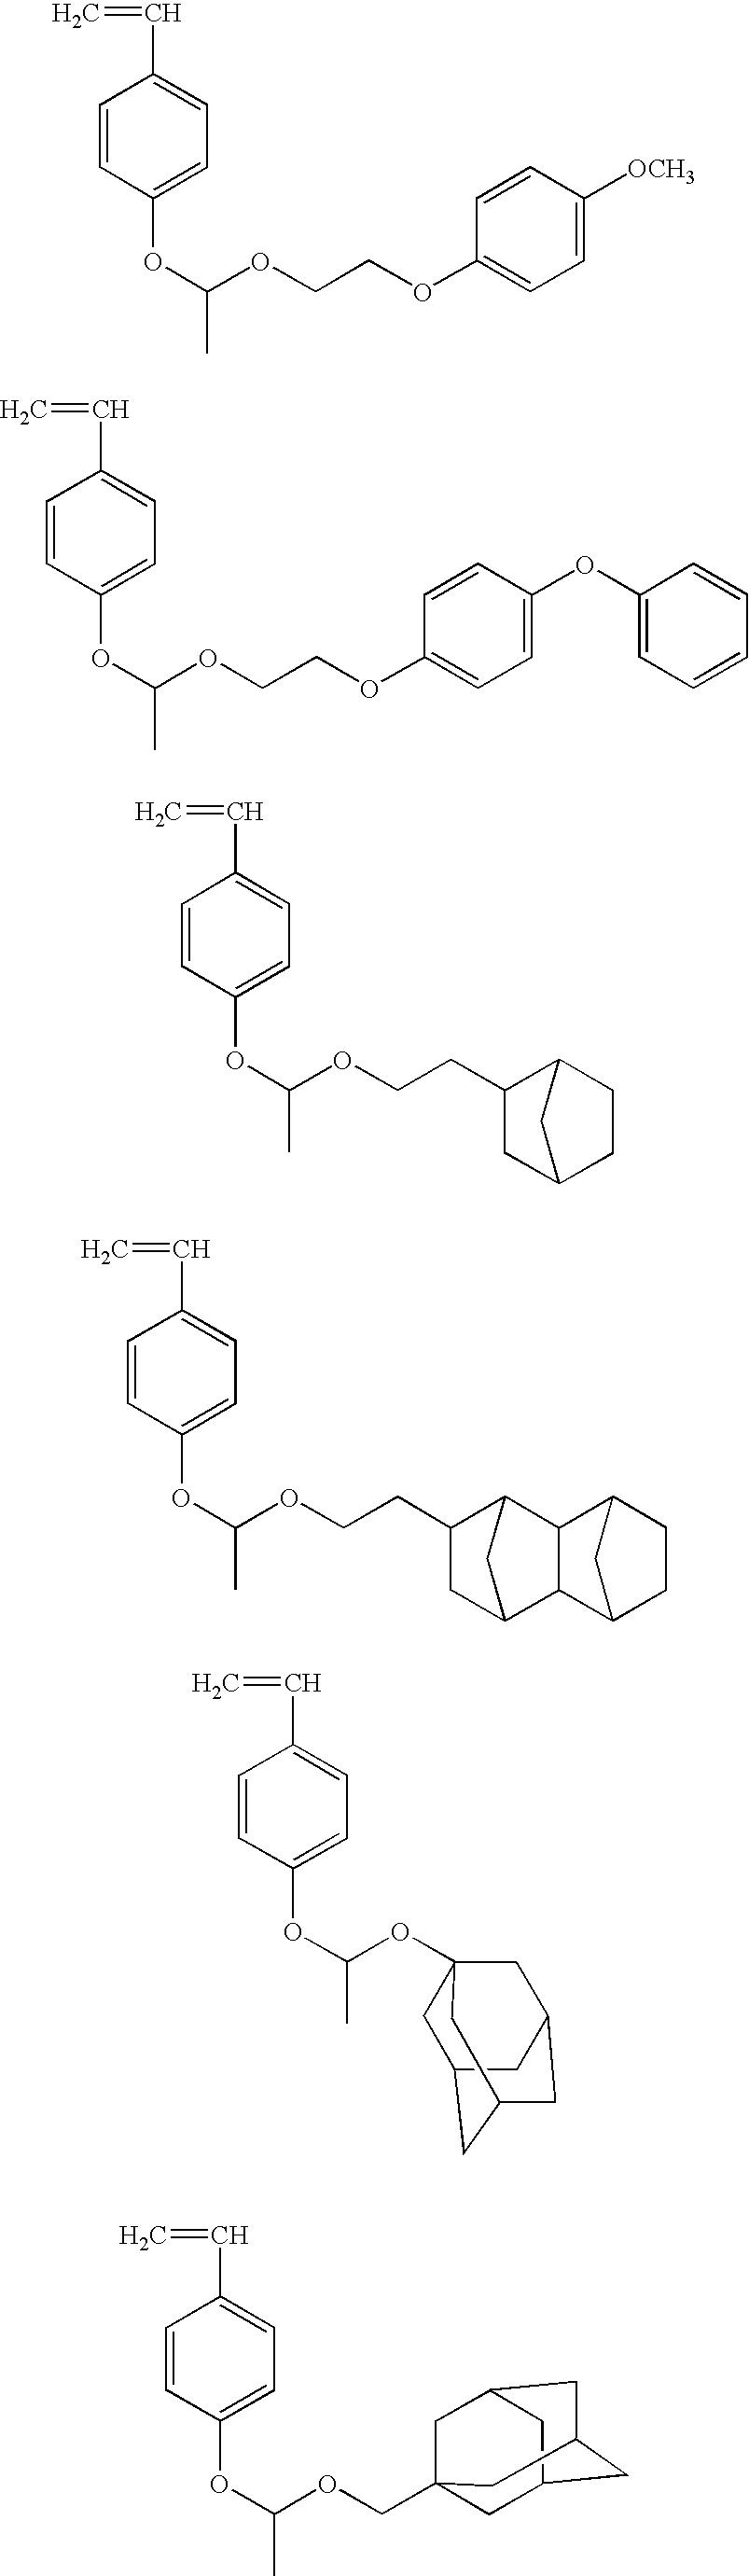 Figure US20100323296A1-20101223-C00051